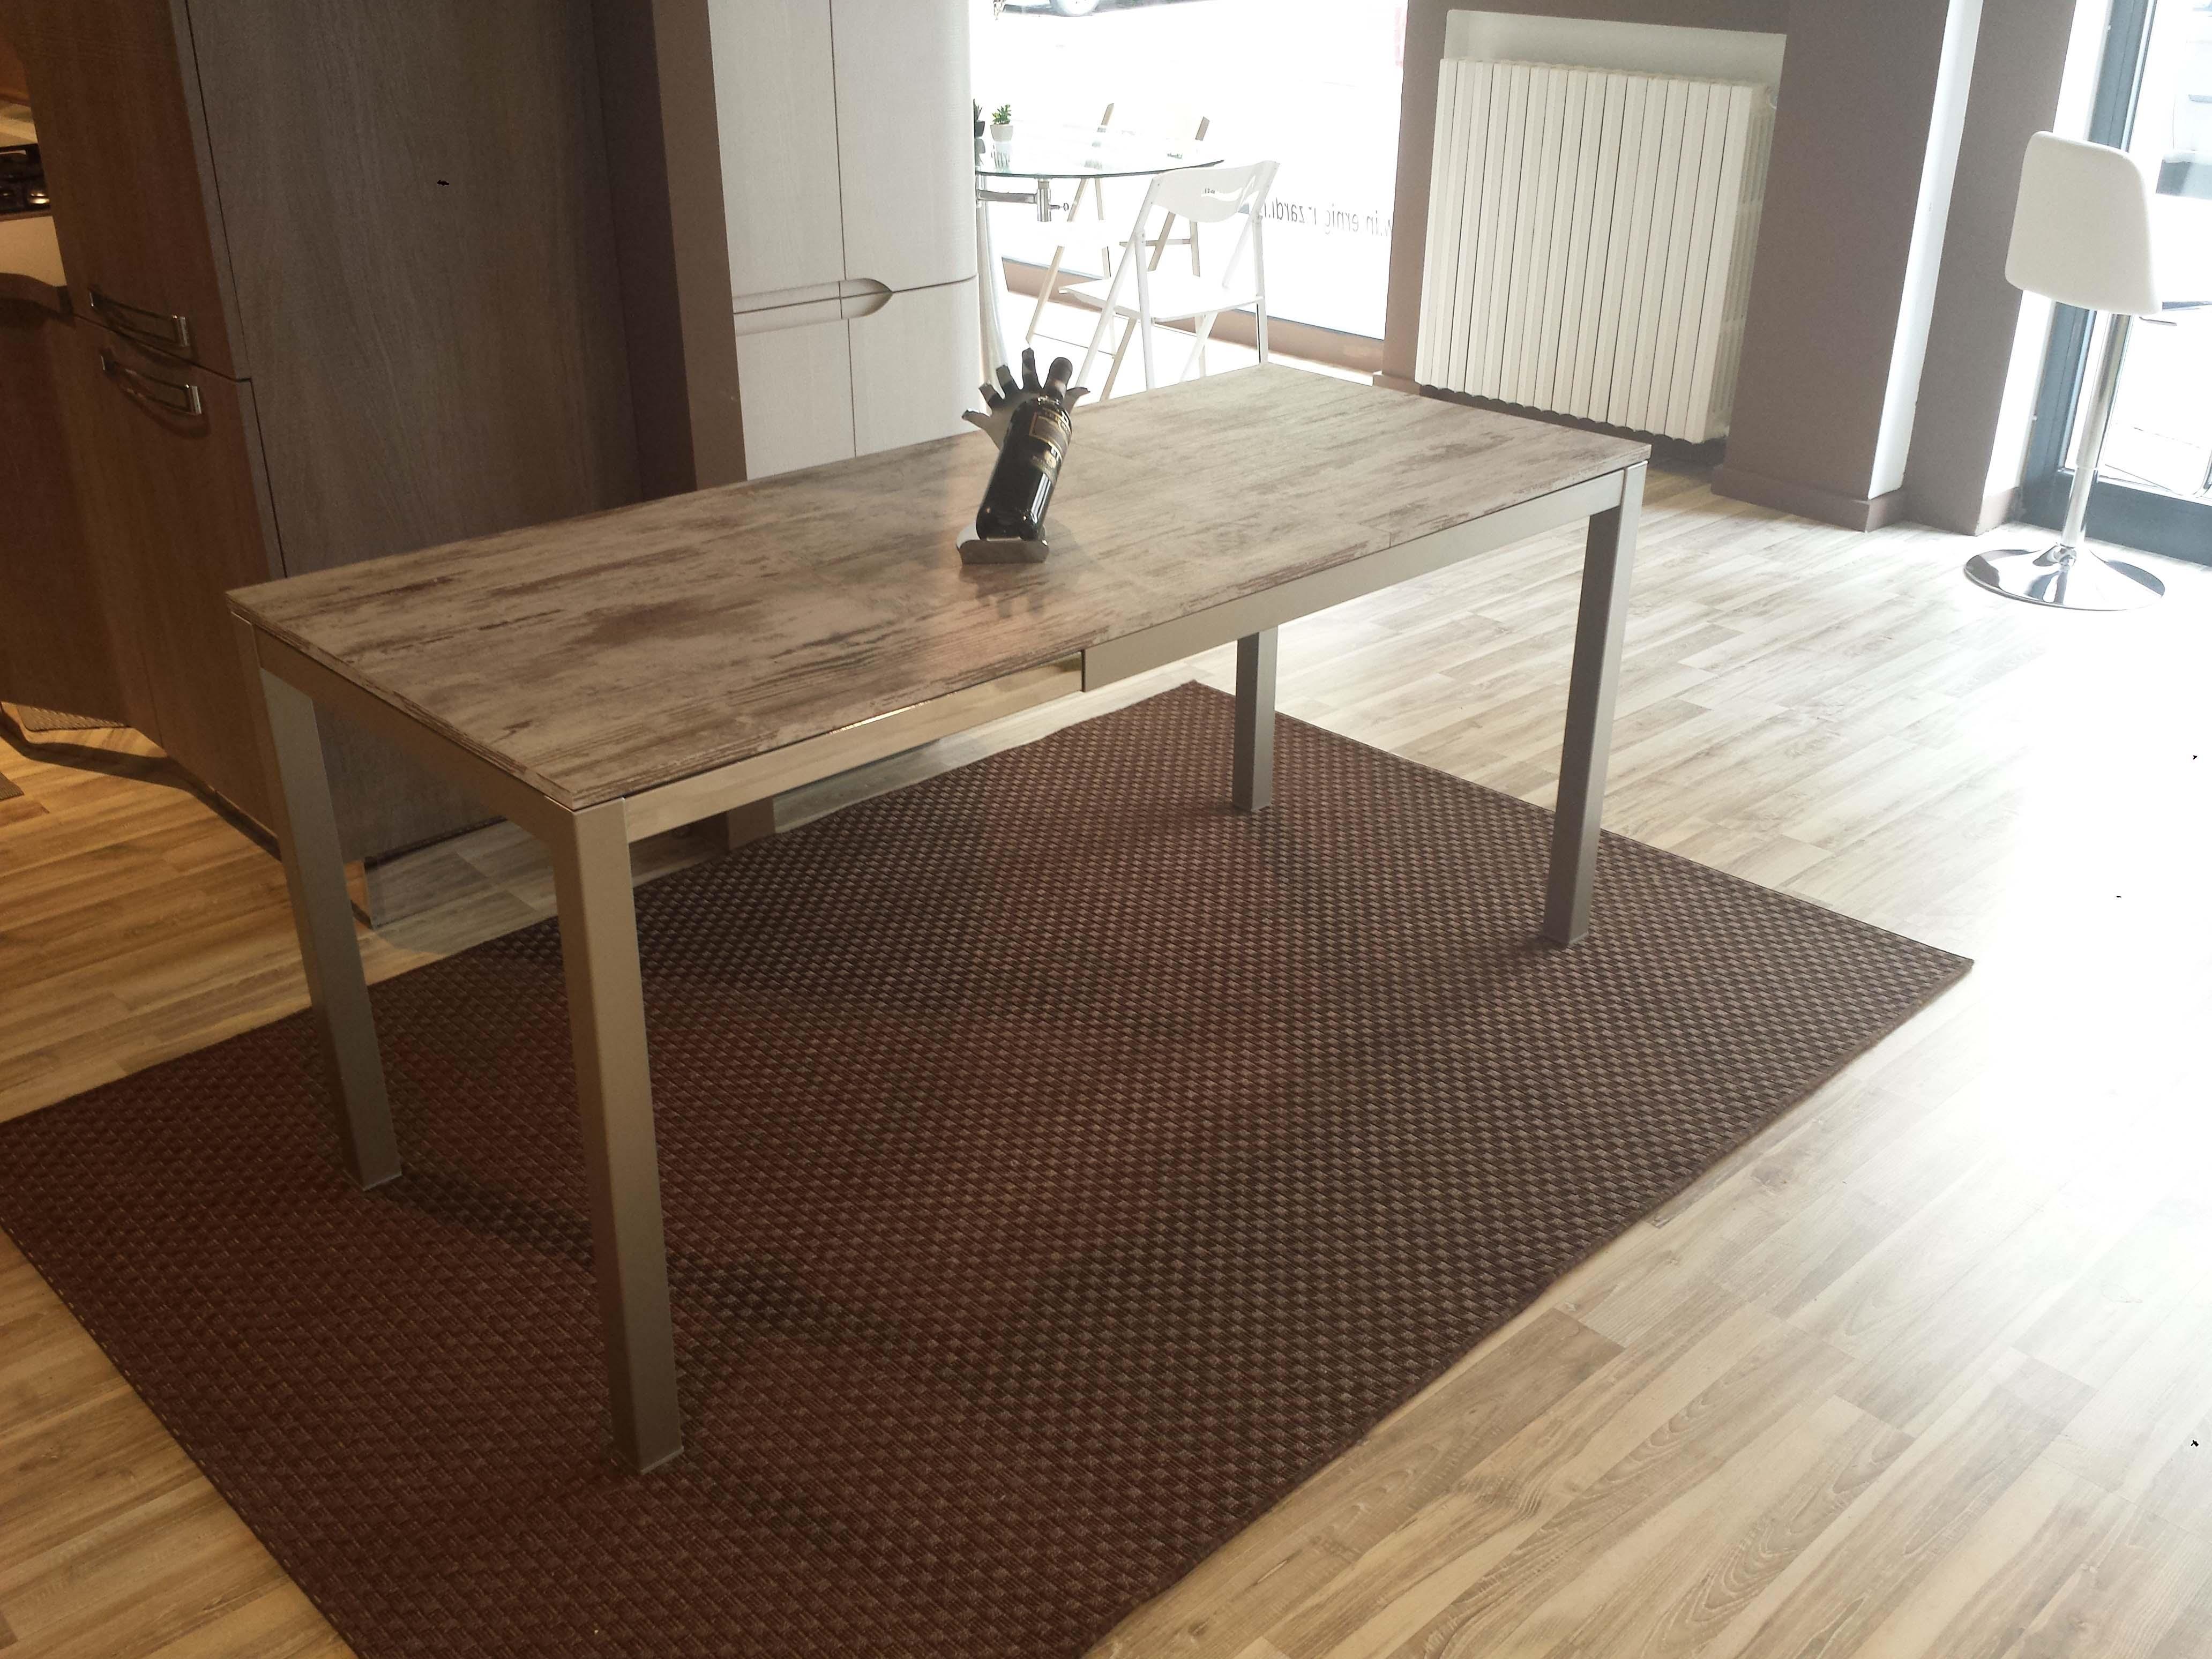 Lampade Da Tavolo Ikea Modello Tertial : Tavolo kitchen rettangolare allungabile laminato tavoli